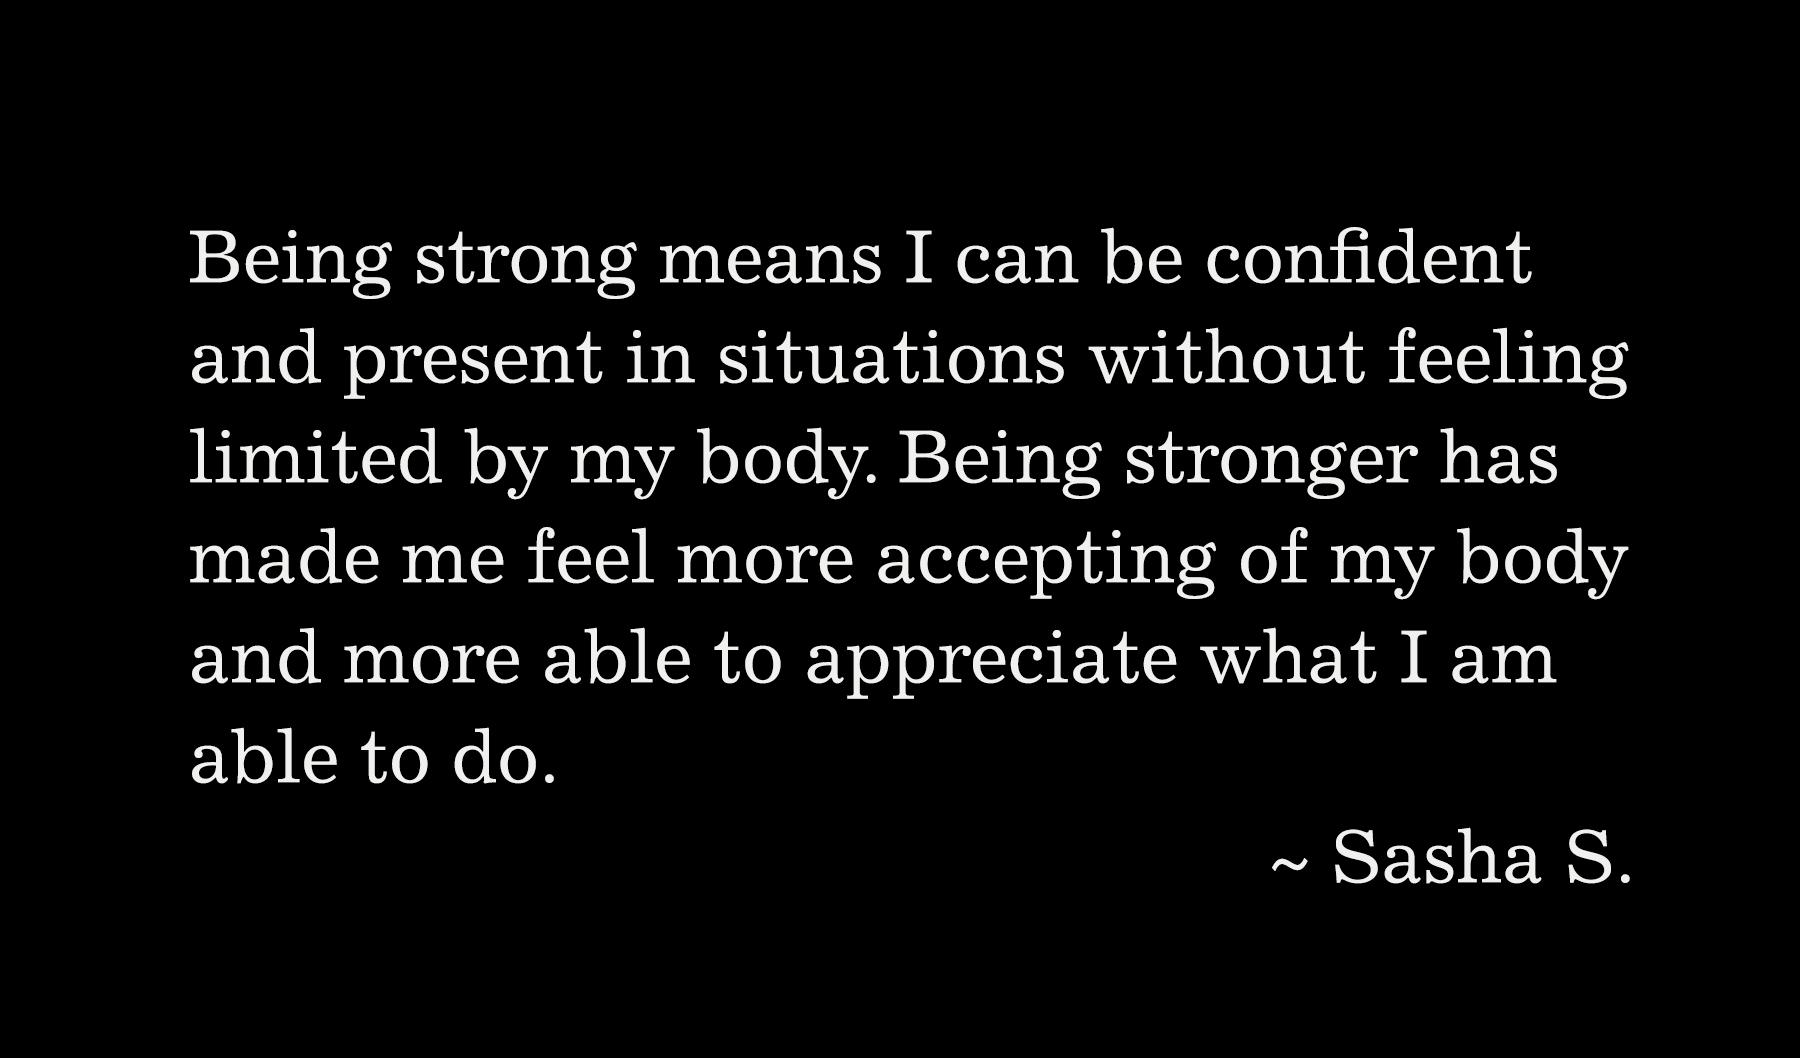 SashS-quote.jpg